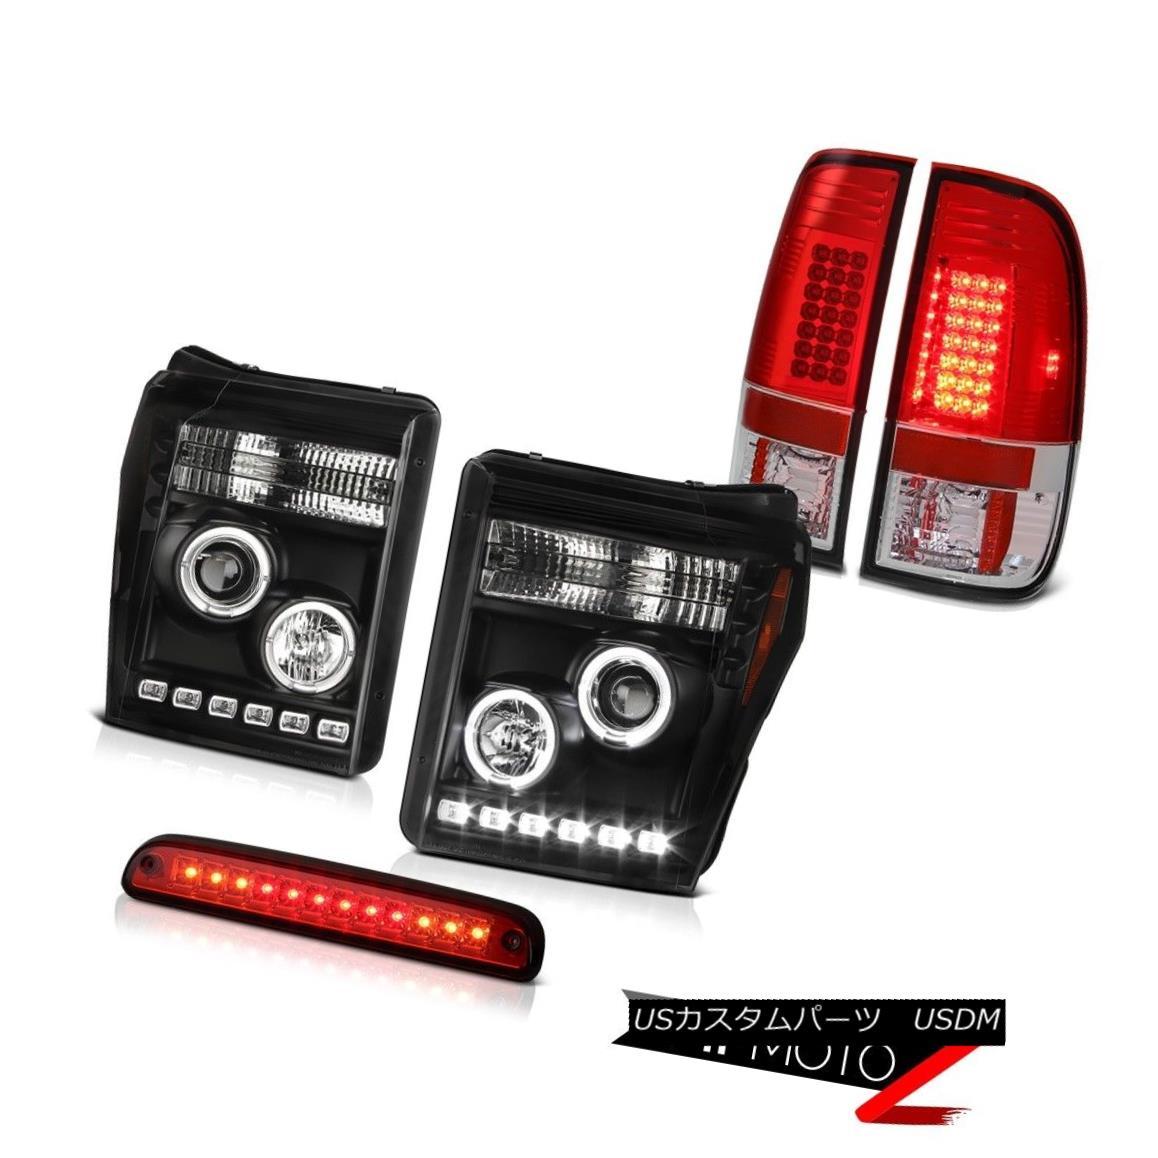 テールライト 2011-2016 F350 6.7L 3RD Brake Light Taillights Raven Black Projector Headlights 2011-2016 F350 6.7L 3RDブレーキライトテールライトレーベンブラックプロジェクターヘッドライト